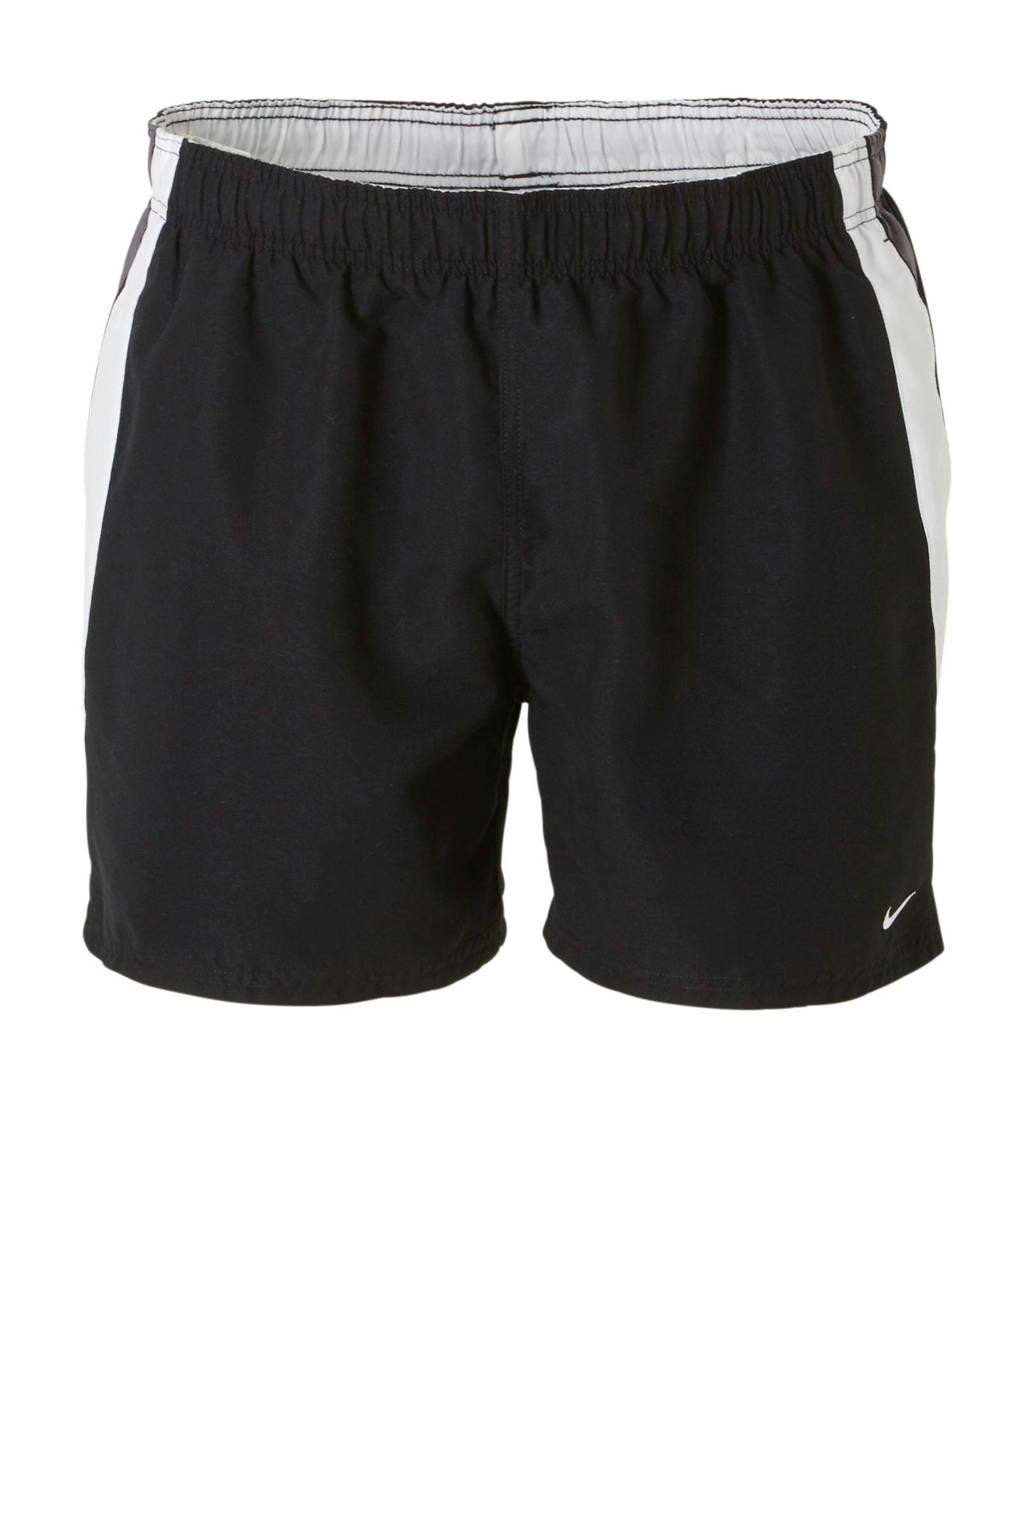 Nike zwemshort zwart, Zwart/wit